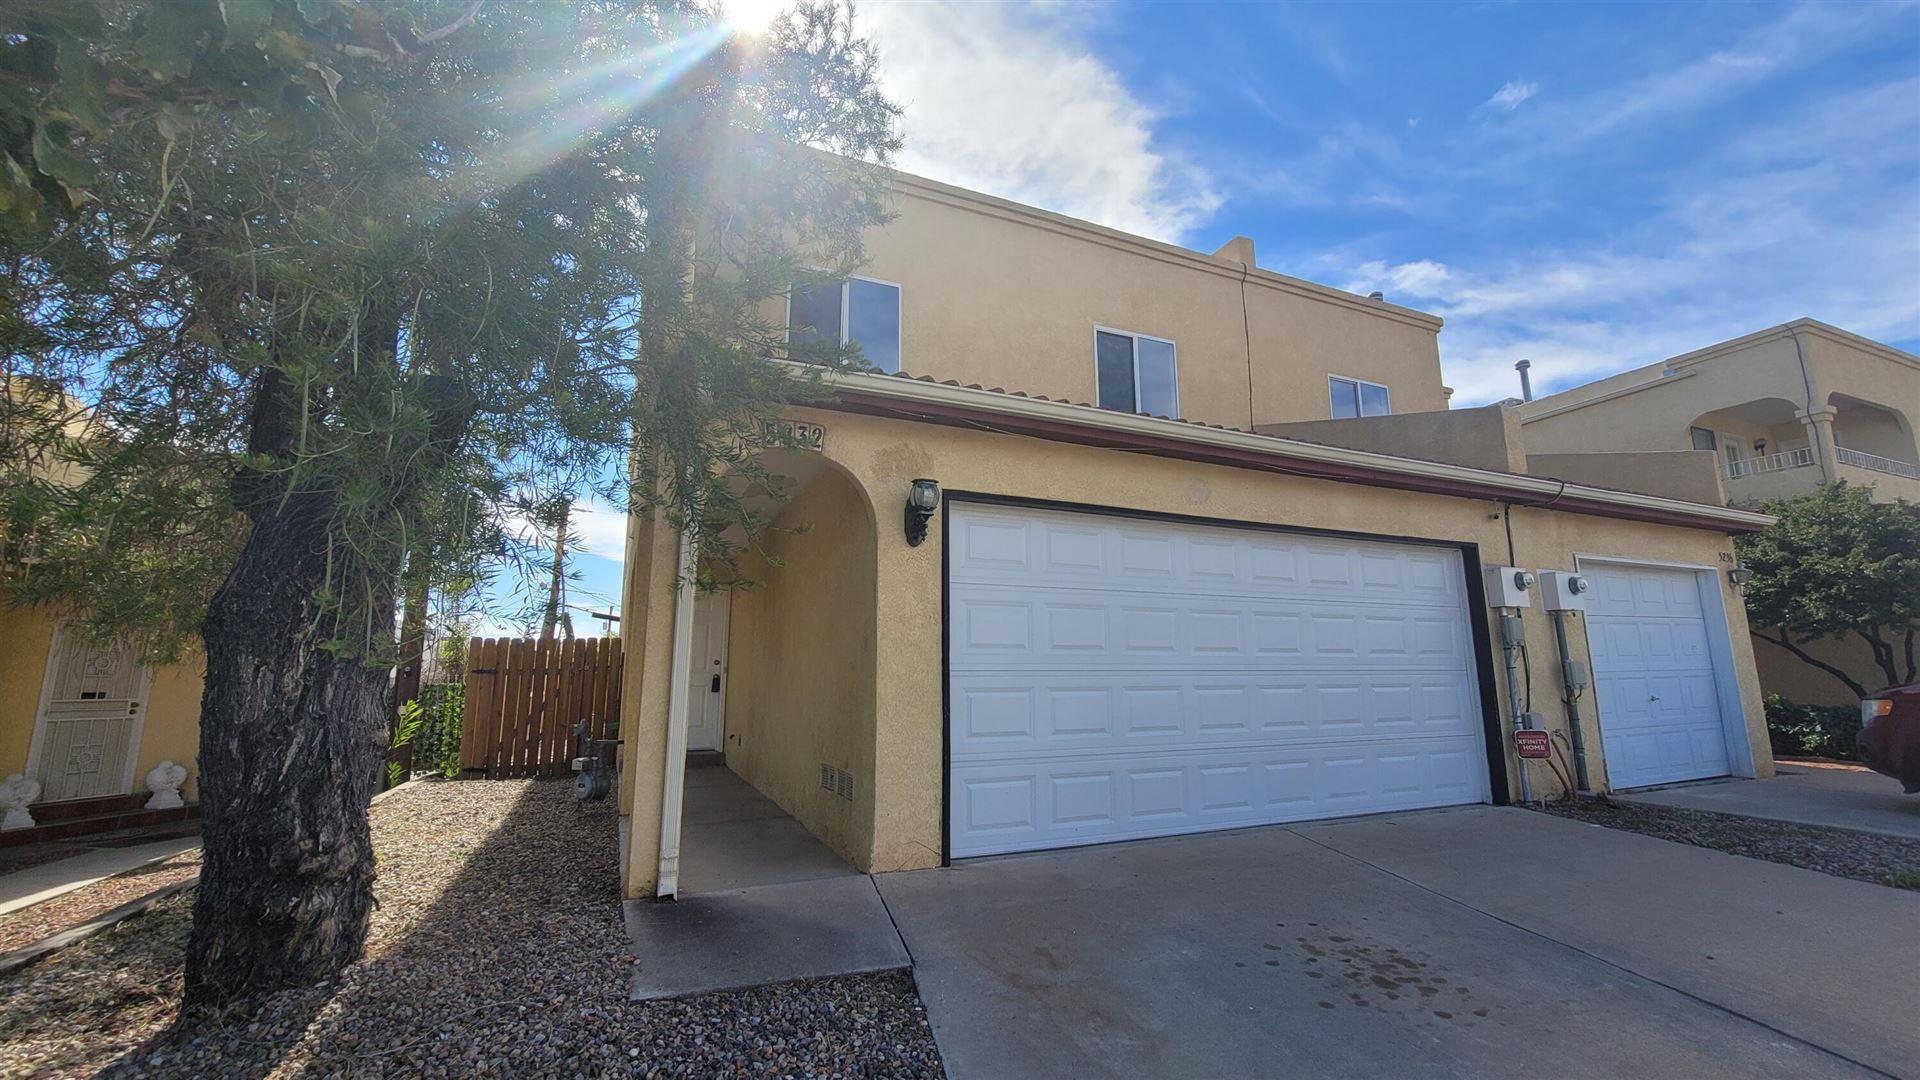 5232 ESPERANZA Court NW, Albuquerque, NM 87105 - #: 1003423